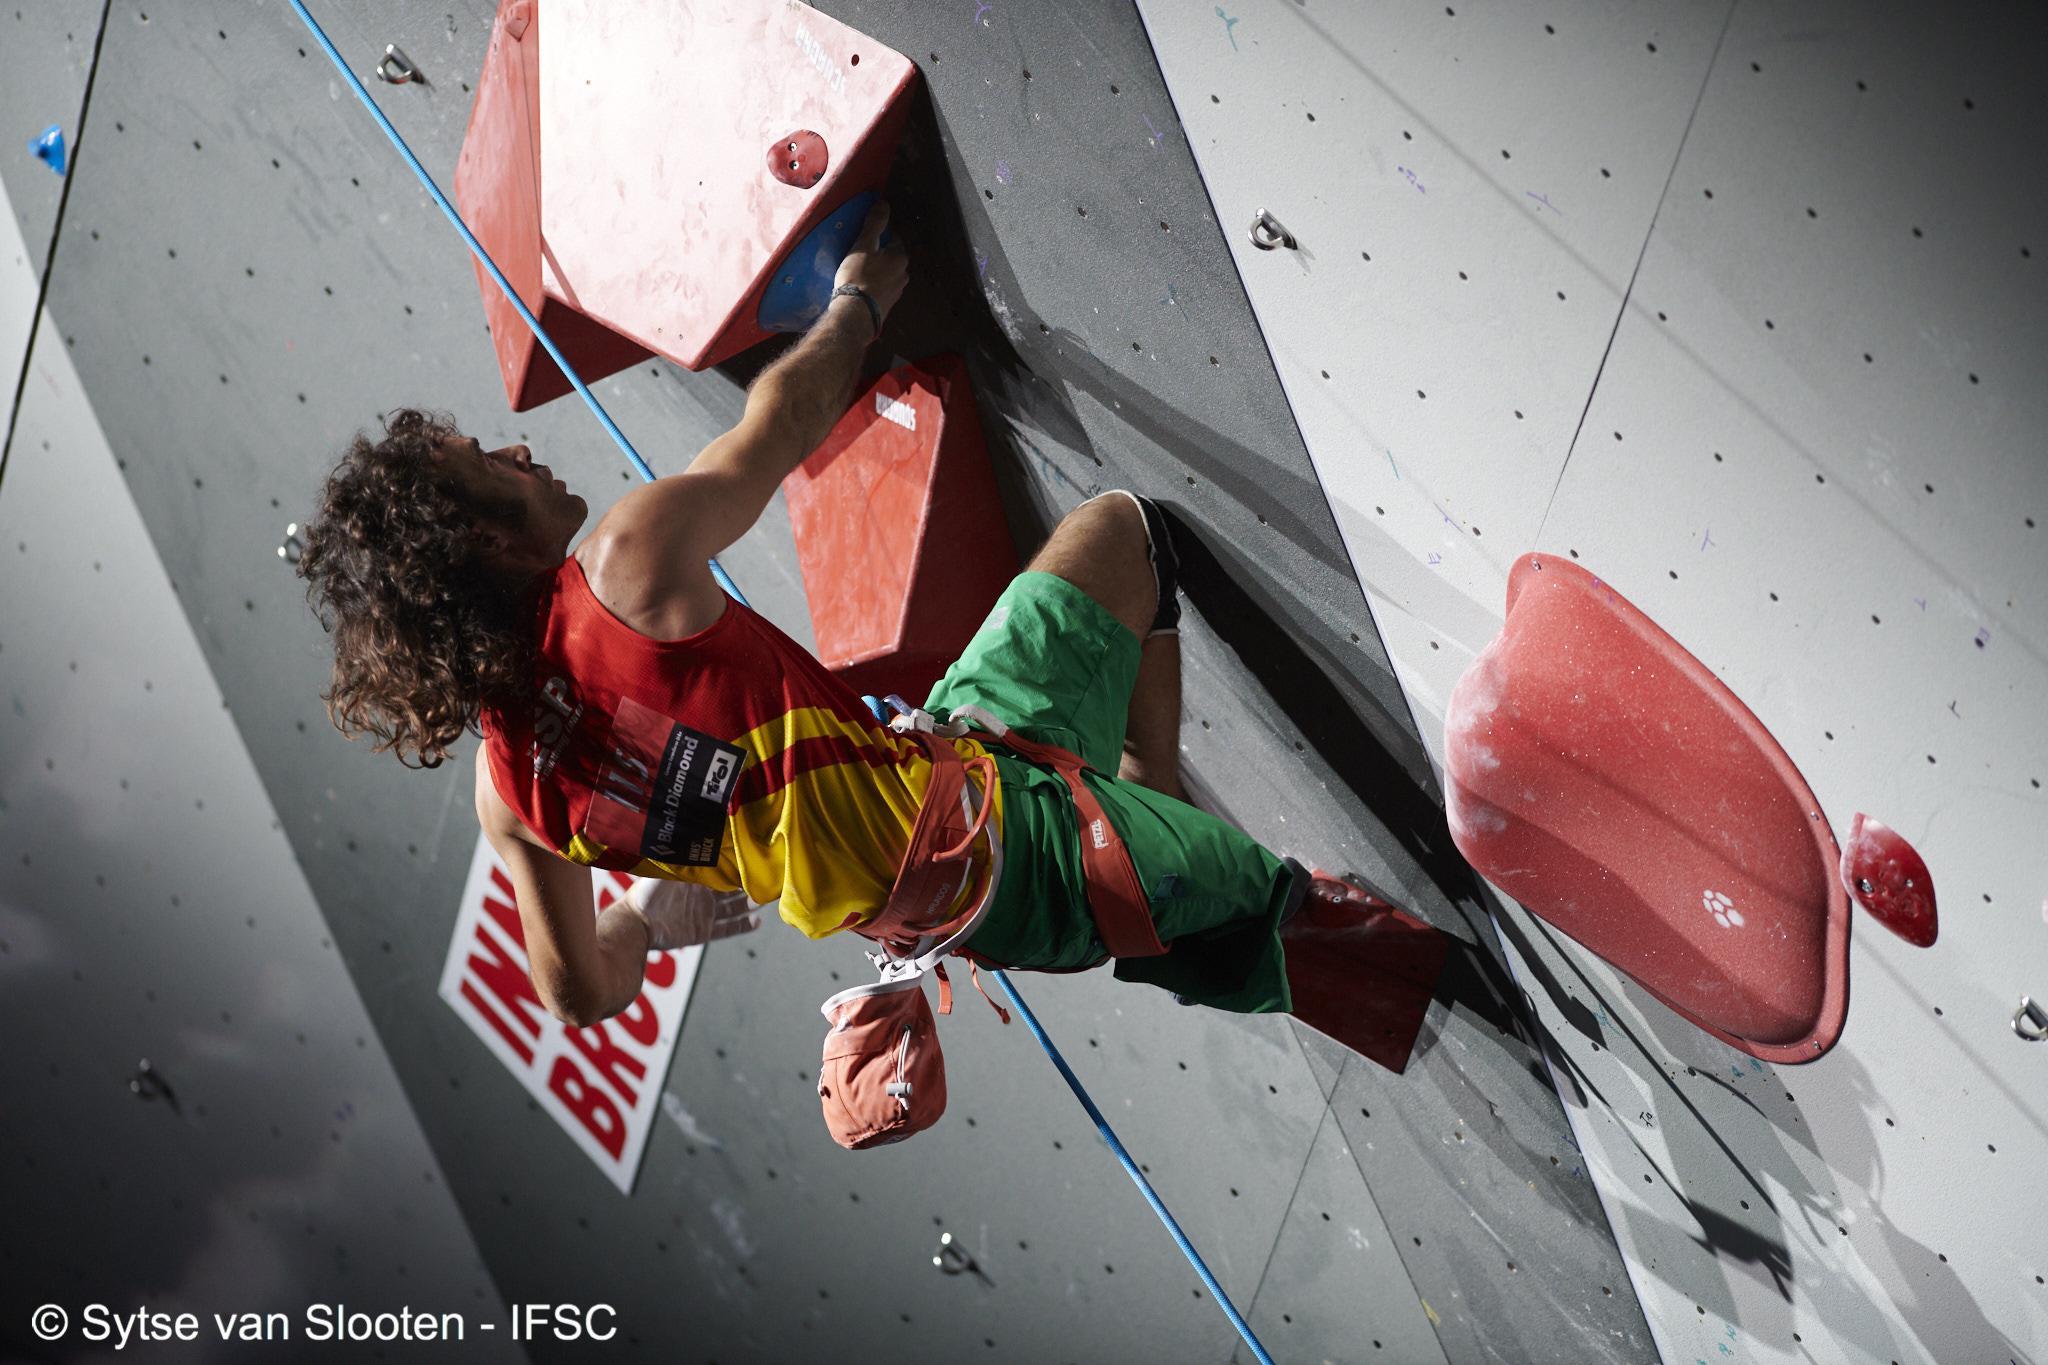 201124 IFSC Press Release Three Paraclimbing world cups to enrich the 2021 Sport Climbing calendar